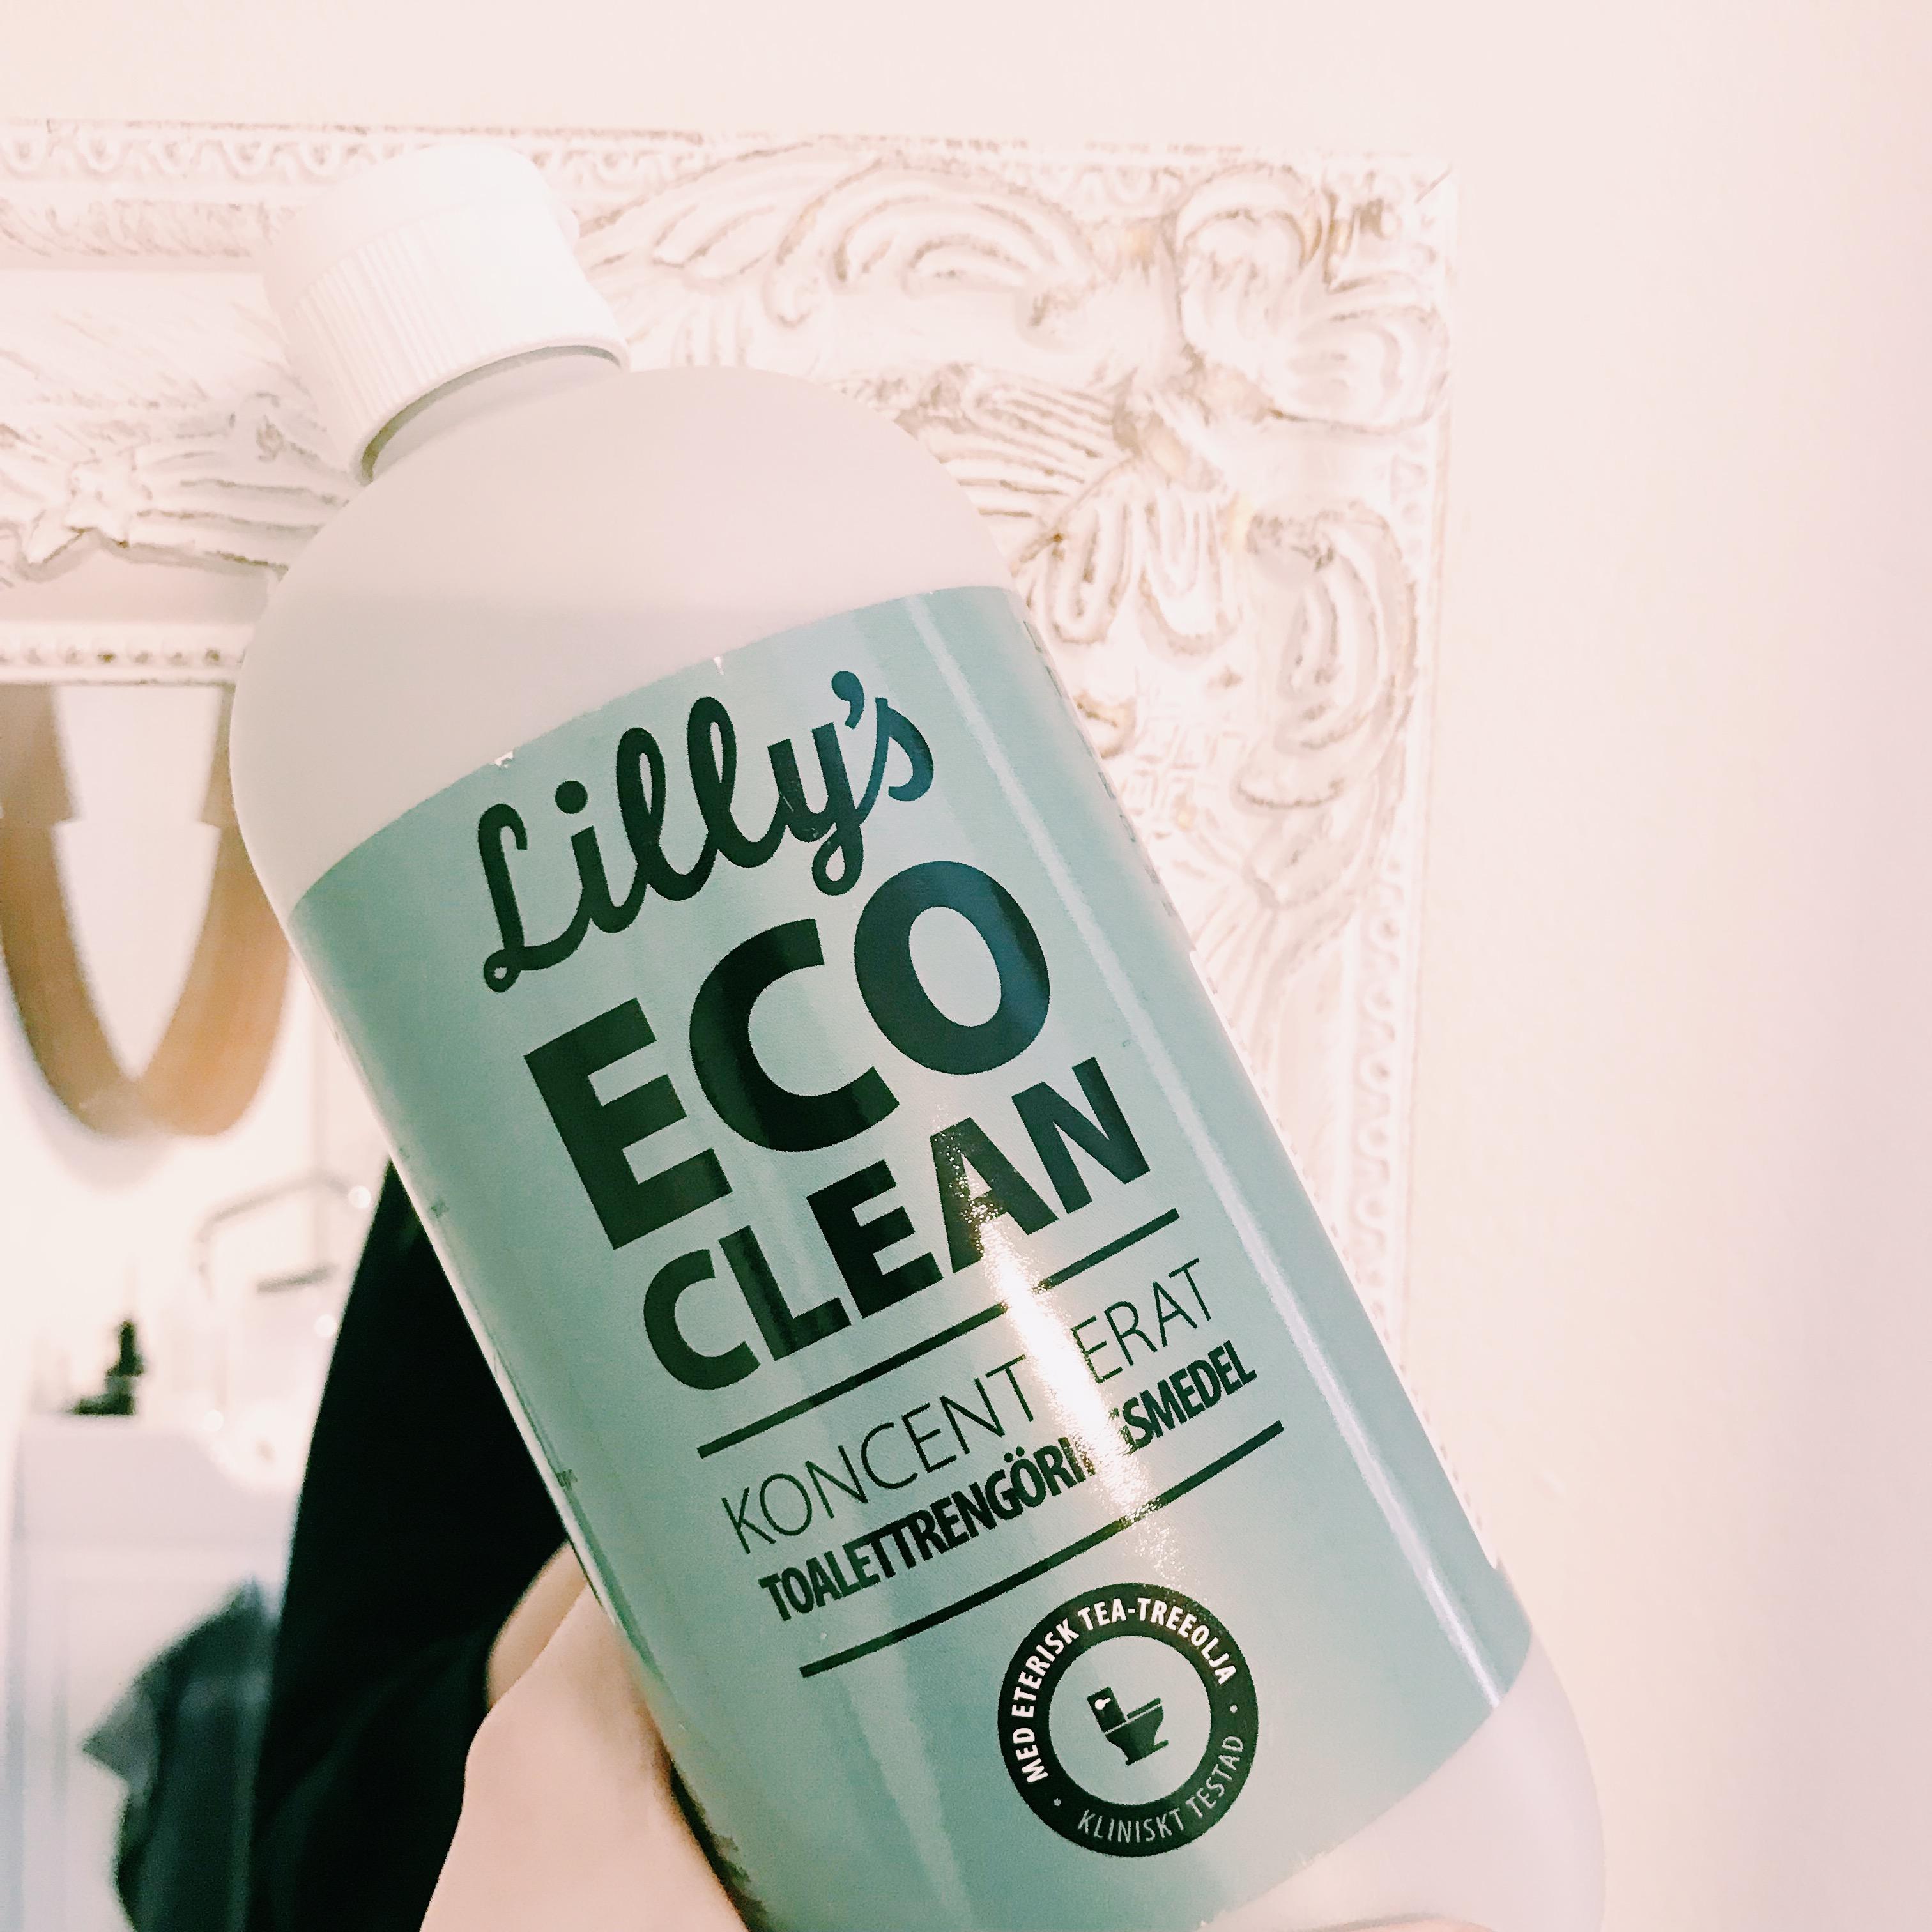 miljövänlig toalettrengöring - lillys eco clean